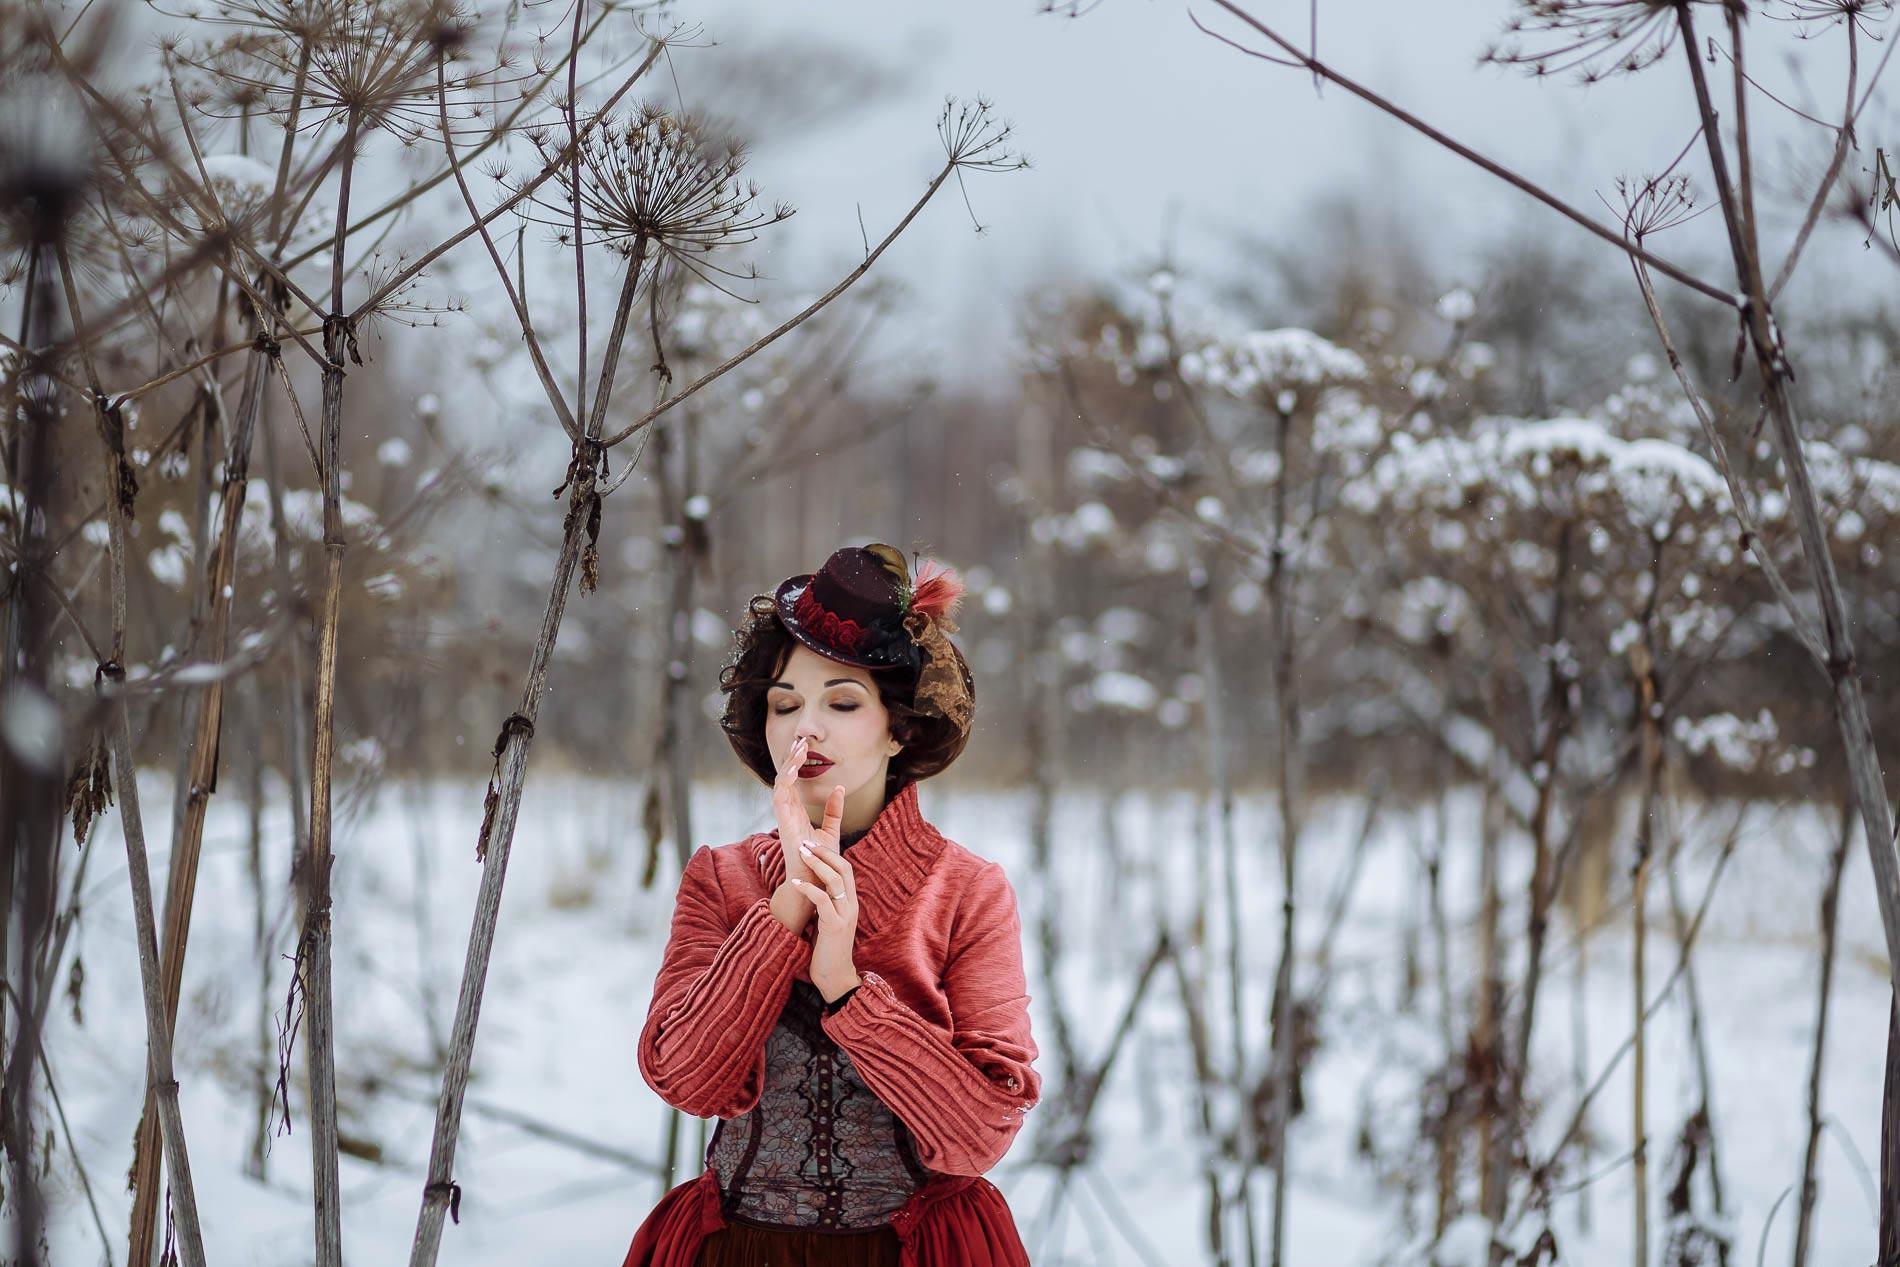 Творческая портретная съёмка зимой